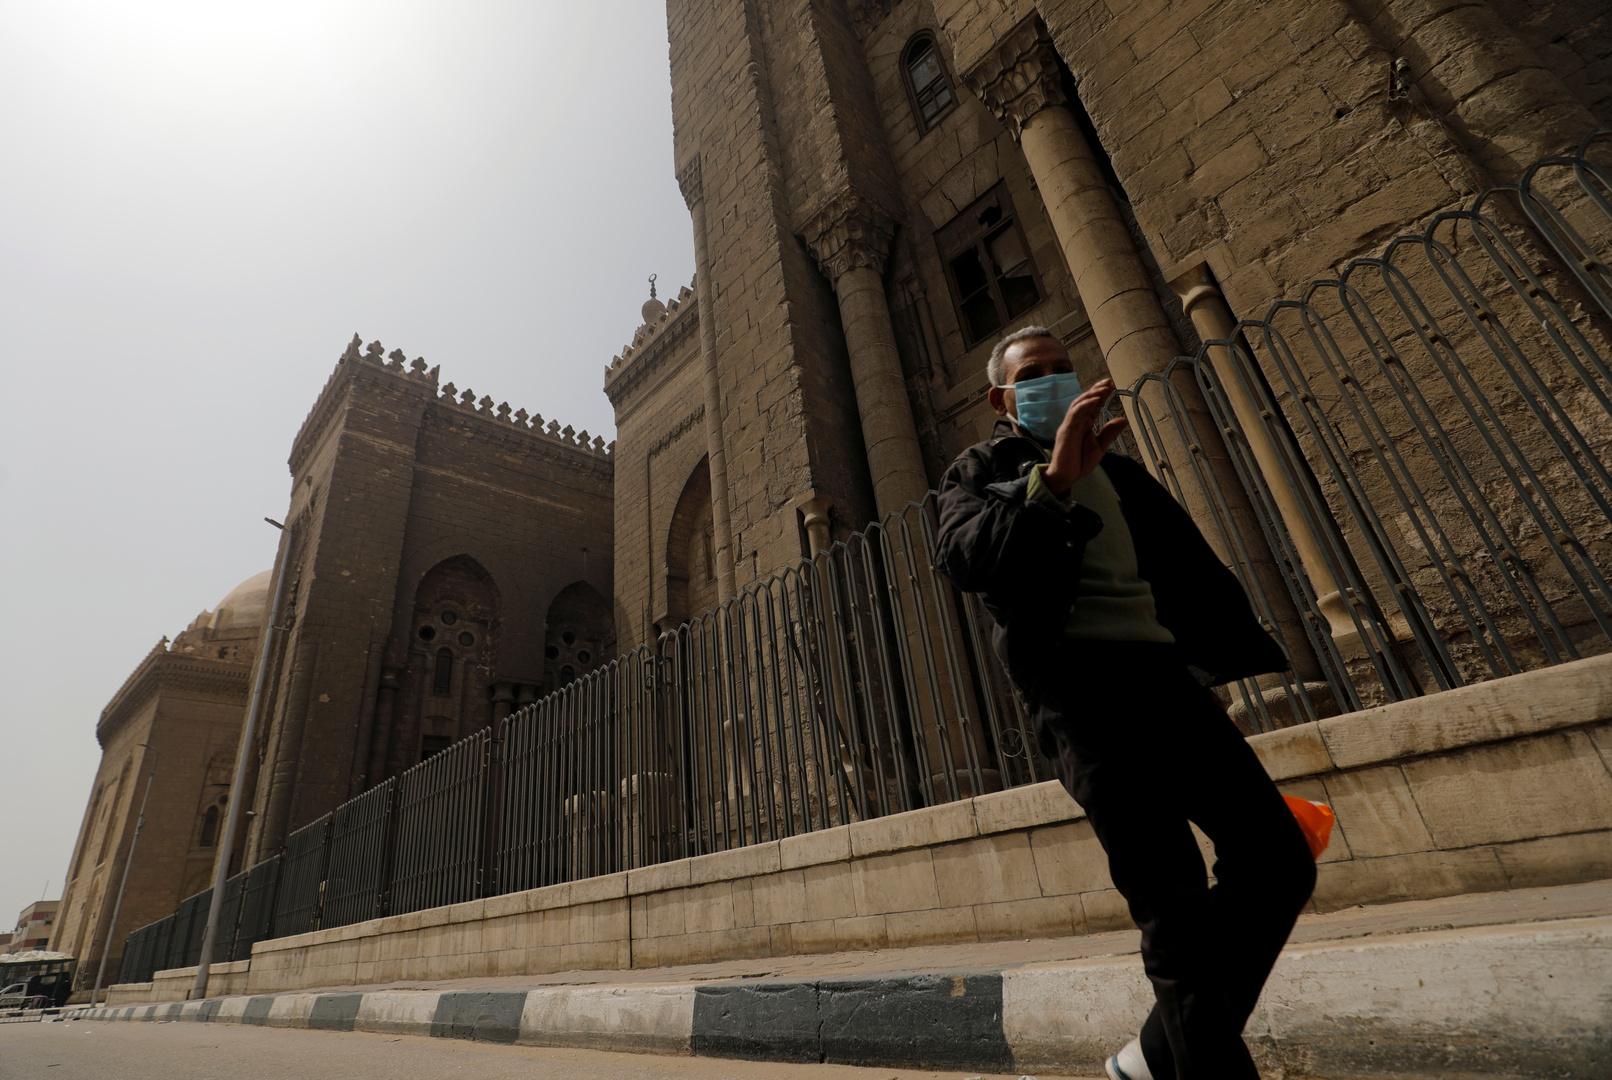 مصر تعلن عن حصيلة جديدة للمصابين والمتعافين من فيروس كورونا